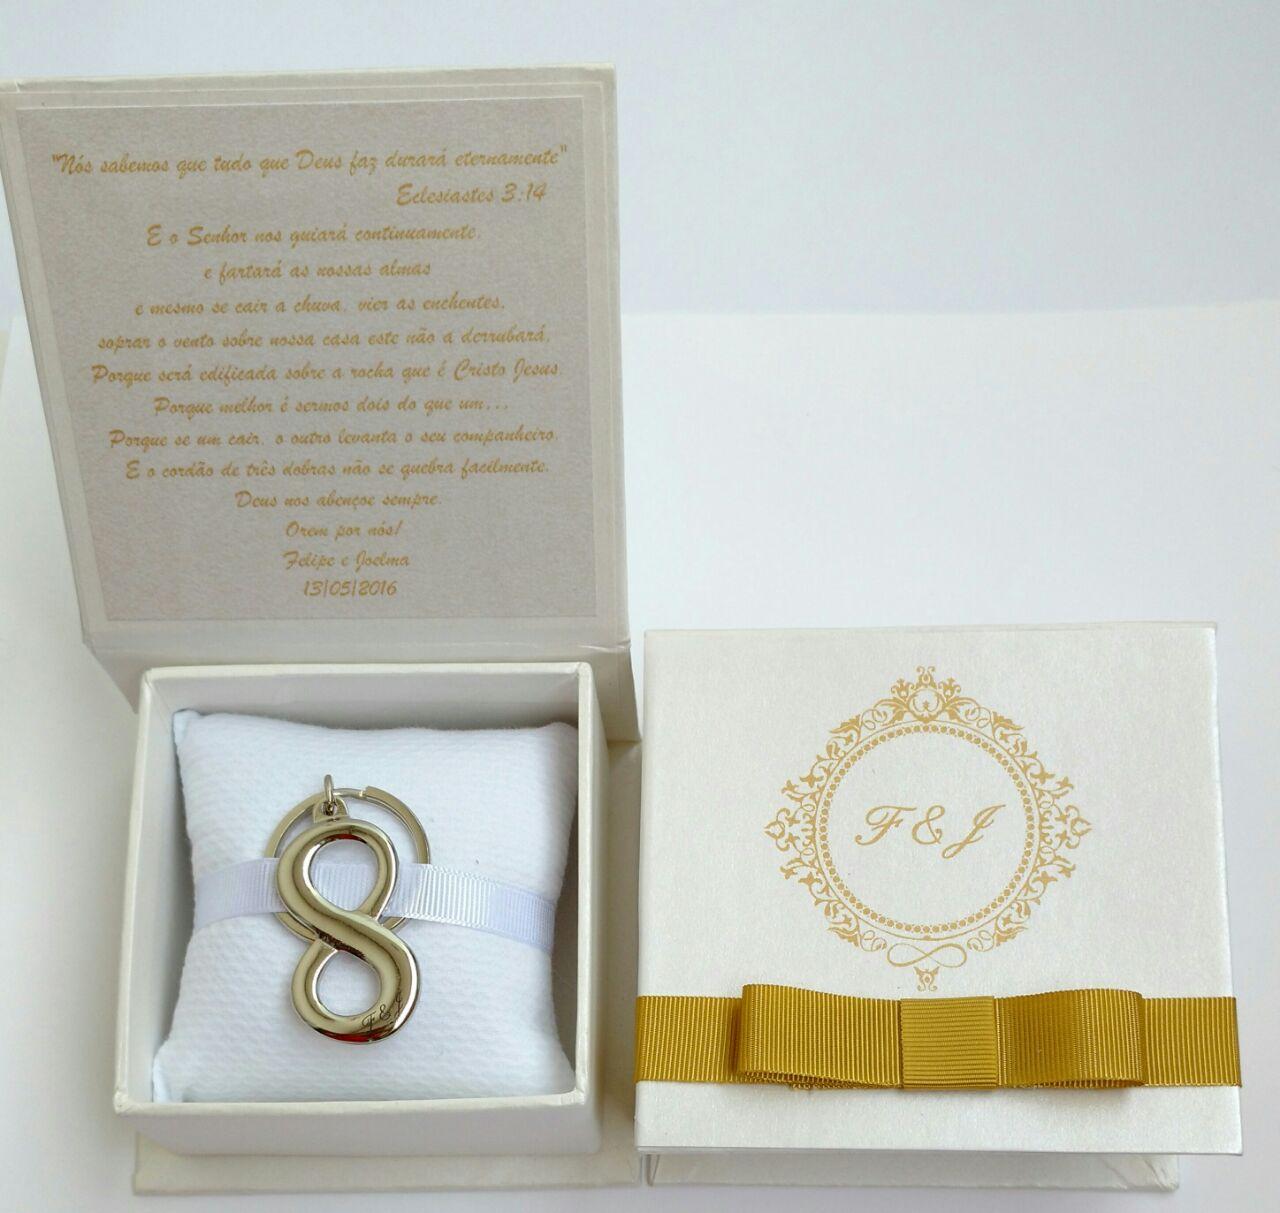 convite_de_casamento_para_padrinhos_diferente_chaveiro_infinito_lembrancas_especiais_2